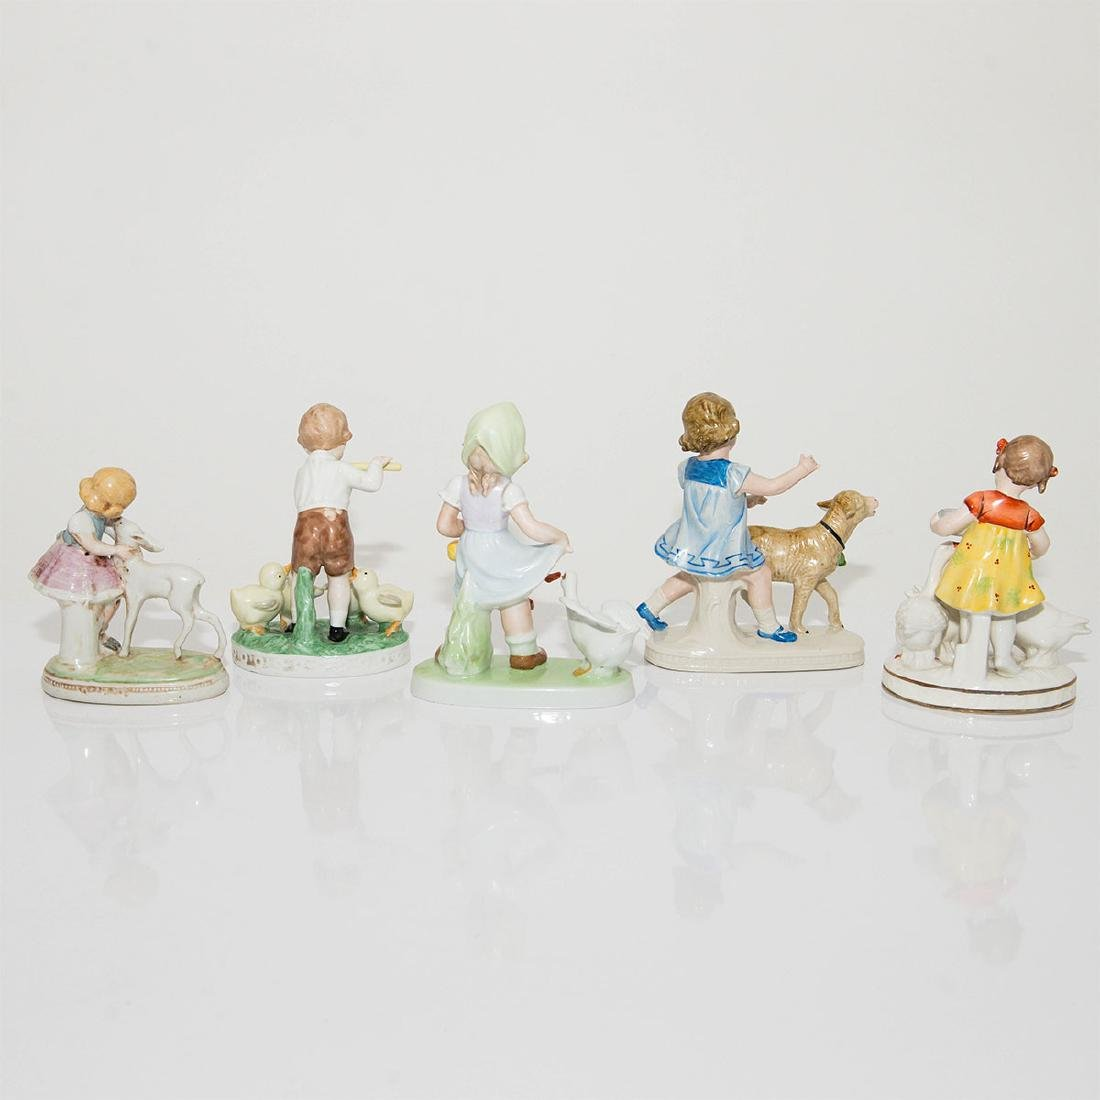 GROUP OF 5 VINTAGE GERMAN FIGURINES KIDS - 2